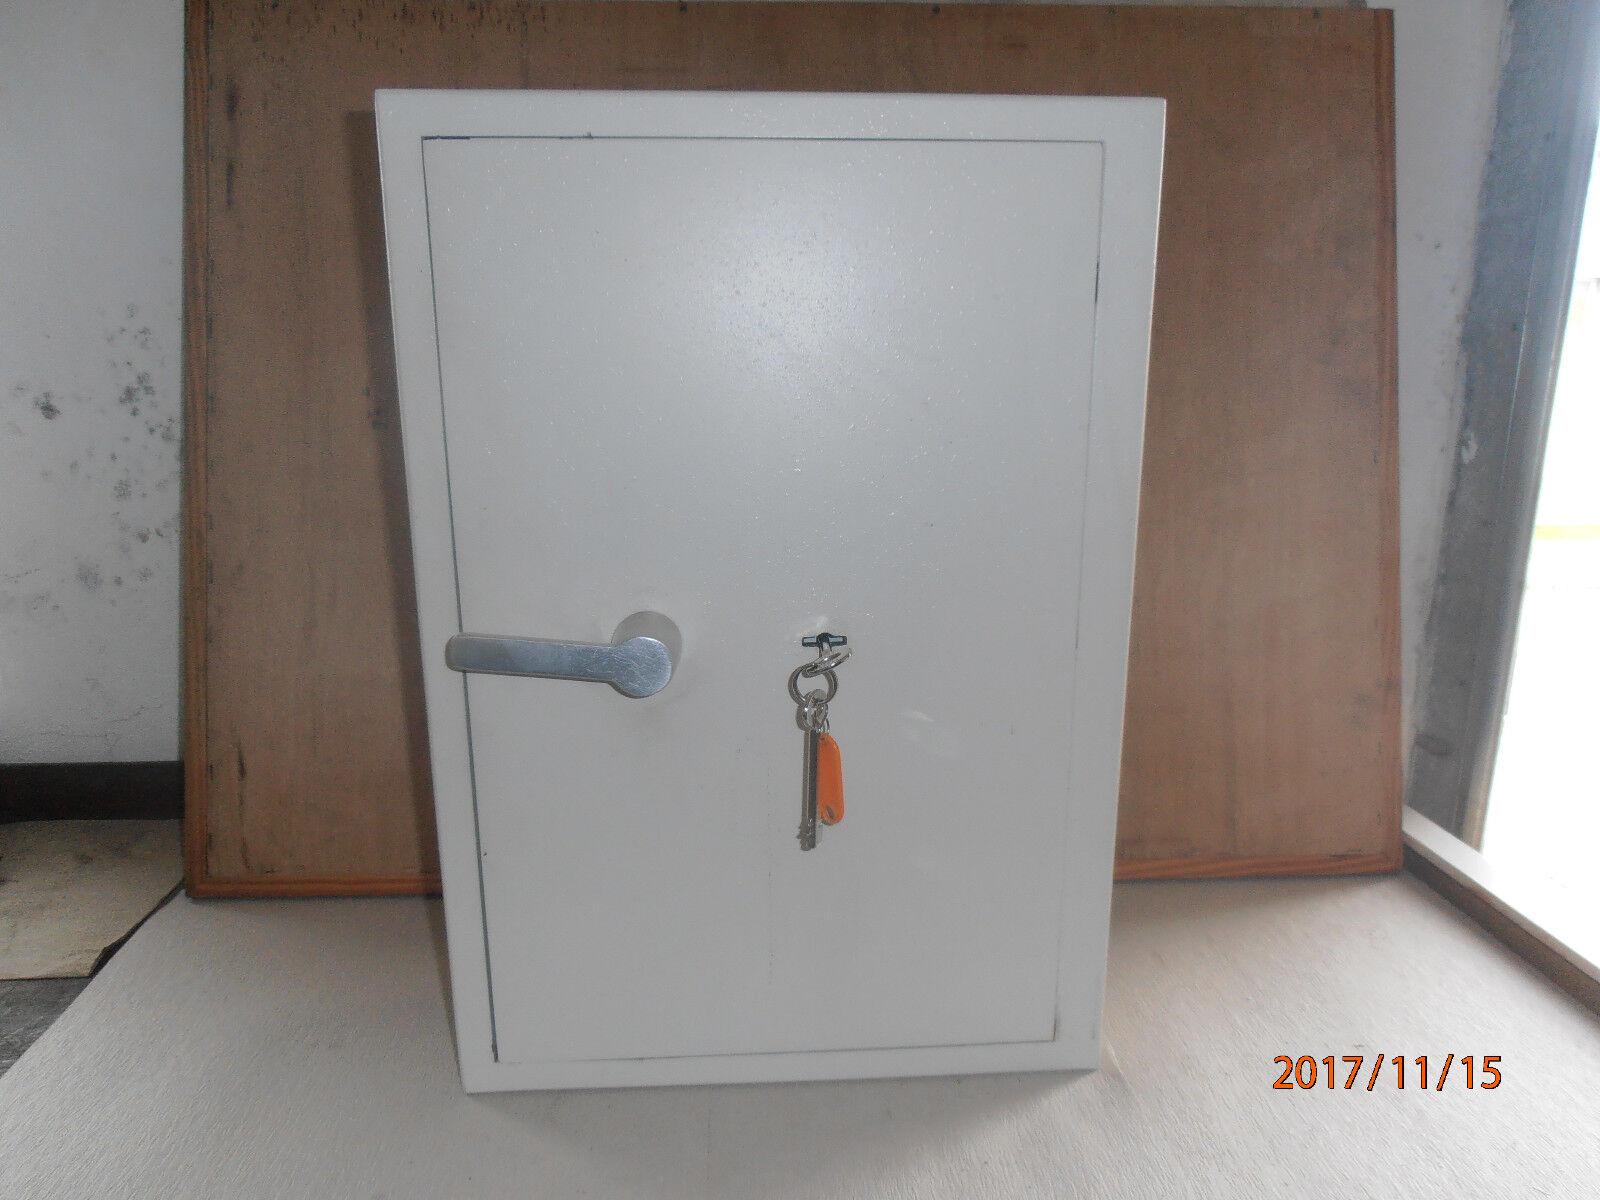 Schlüsseltresor - Schlüsselschrank - Für 100 Schlüssel